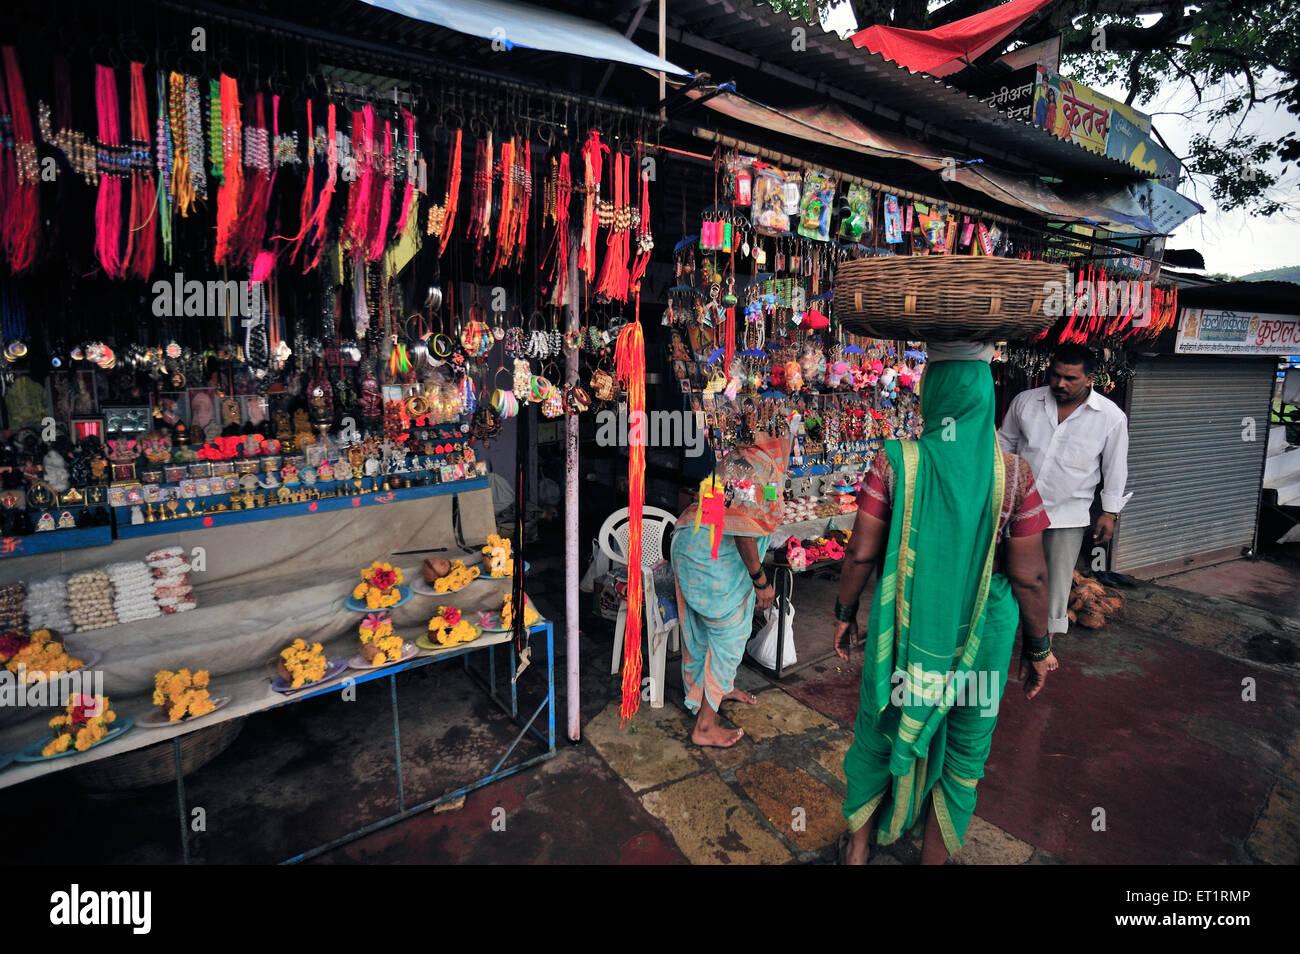 Boutique de matériel pour le culte à Samara Maharashtra Inde Asie Photo Stock